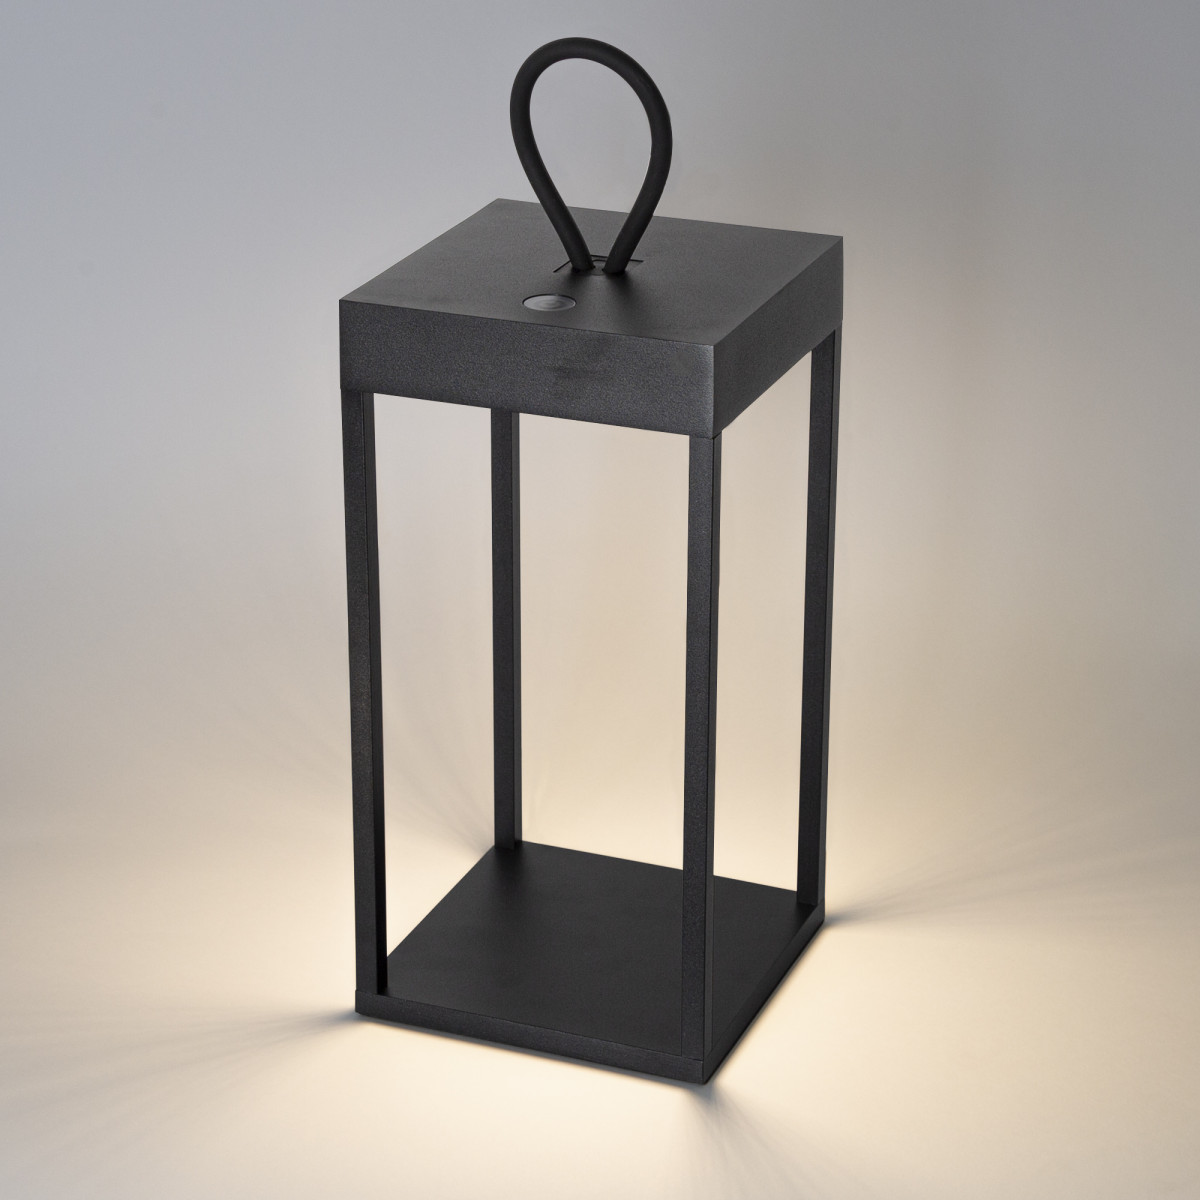 Windlicht Carlo Touch oplaadbaar zwart met USB